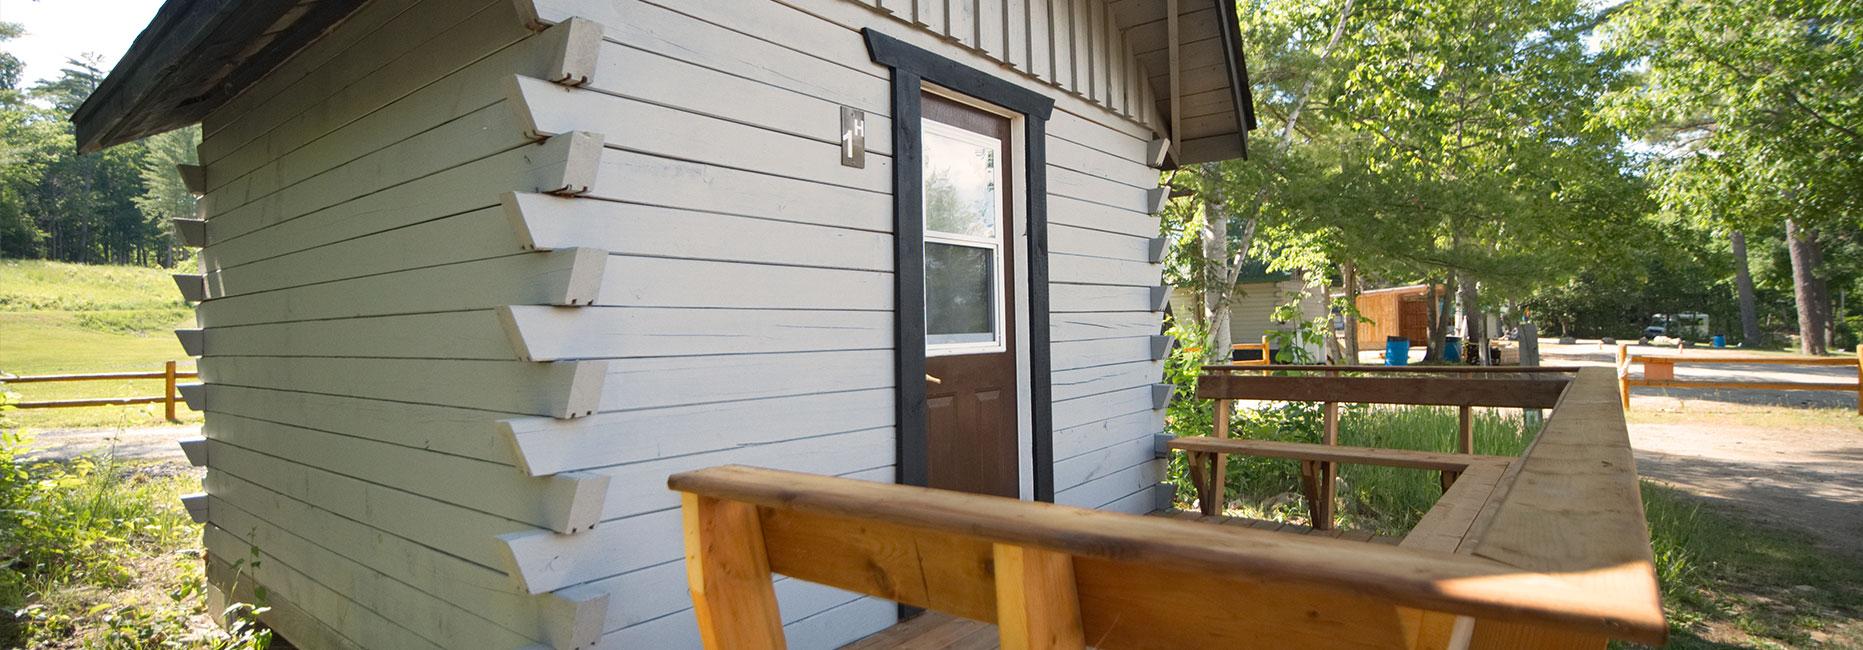 Hostel Cabin Plus